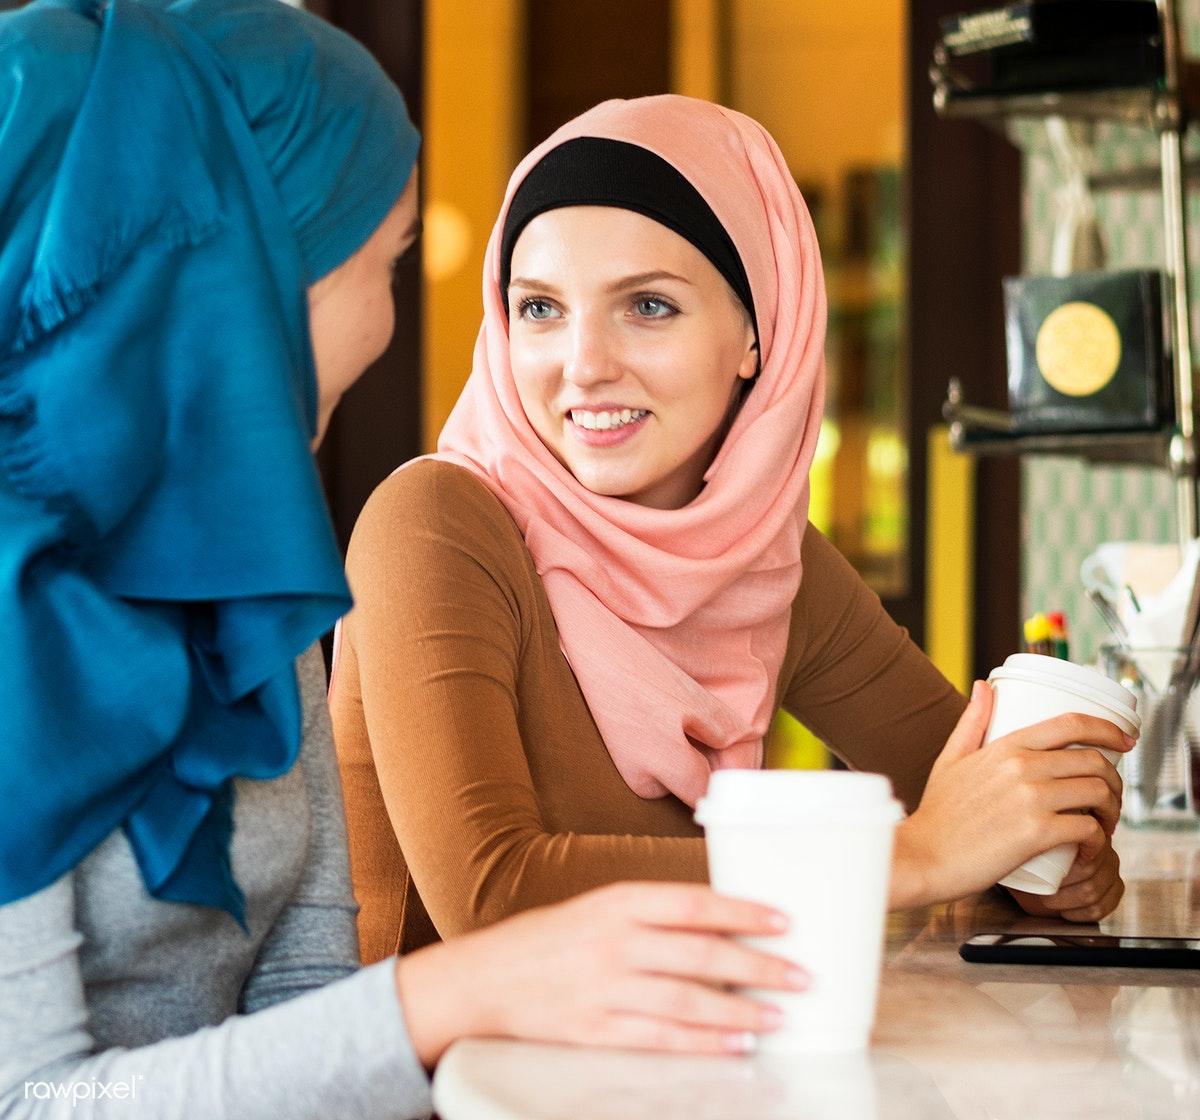 به این دلایل با دوستان خود قهوه بنوشید و ارتعاشات مثبت را جذب کنید/ترجمه اختصاصی